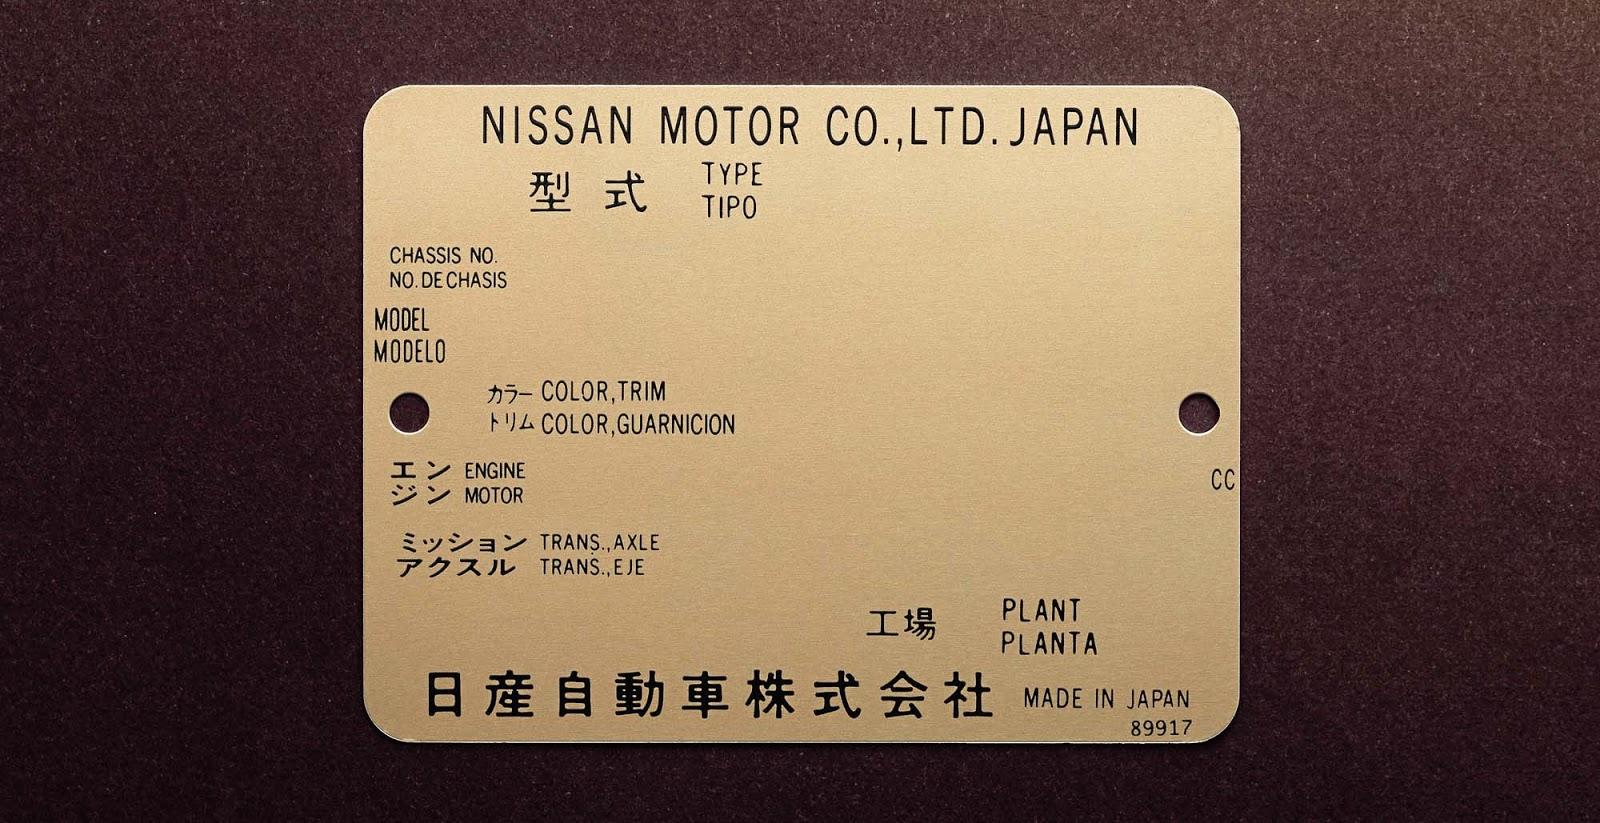 Limited2BEdition2BGT R2B252852529 Σε 3 χρώματα το special edition GT-R Godzilla, GT-R, Nissan, Nissan GT-R, zblog, μοντέλα